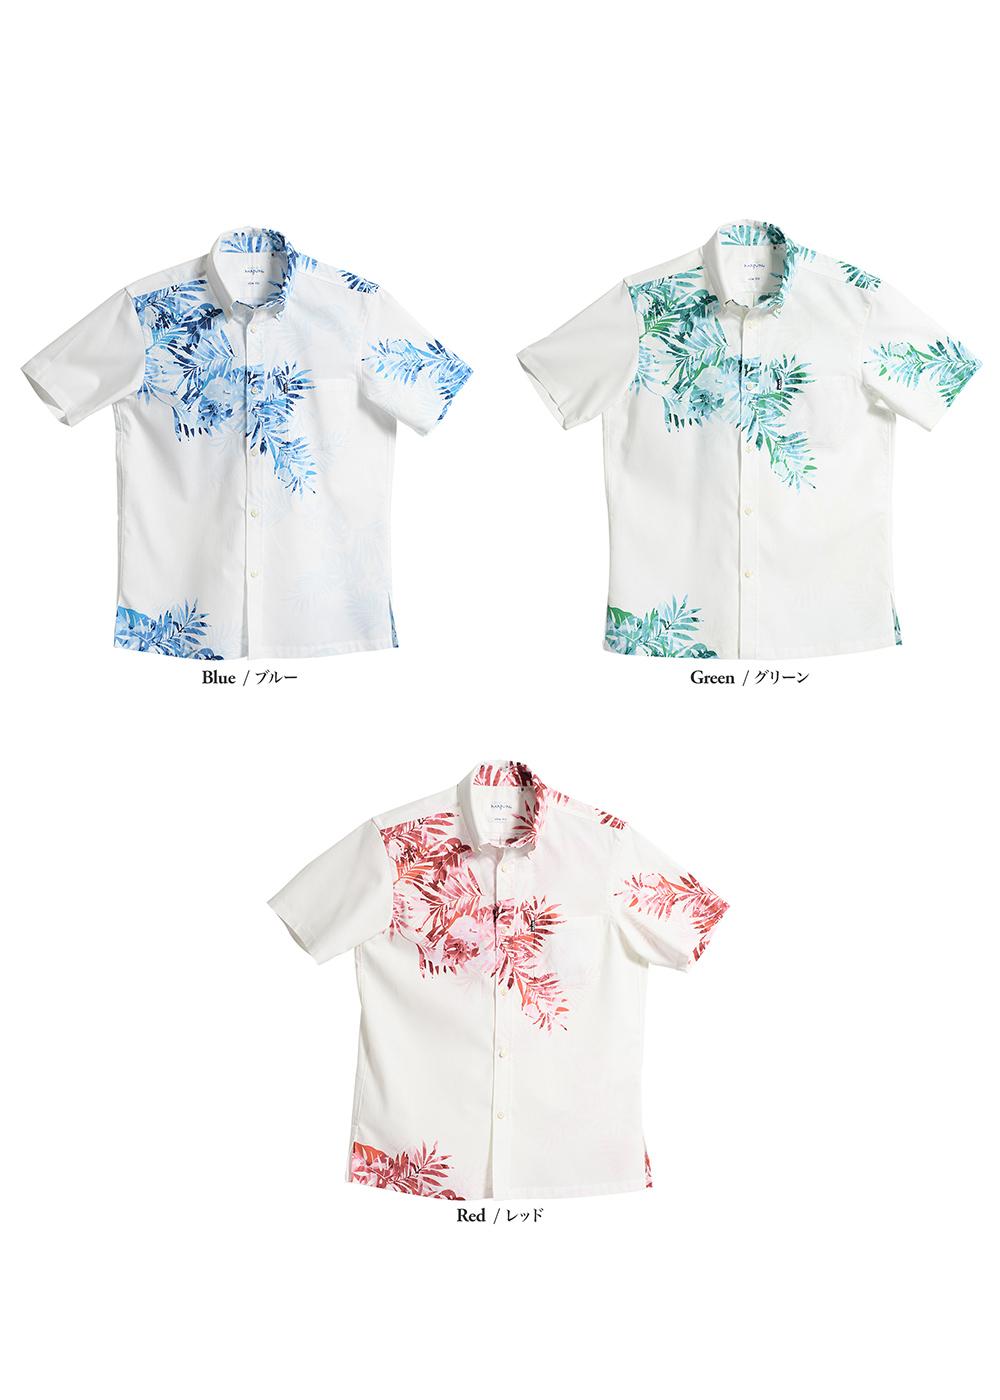 かりゆしウェア(沖縄版アロハシャツ) MAJUN - リフレクションリーフ